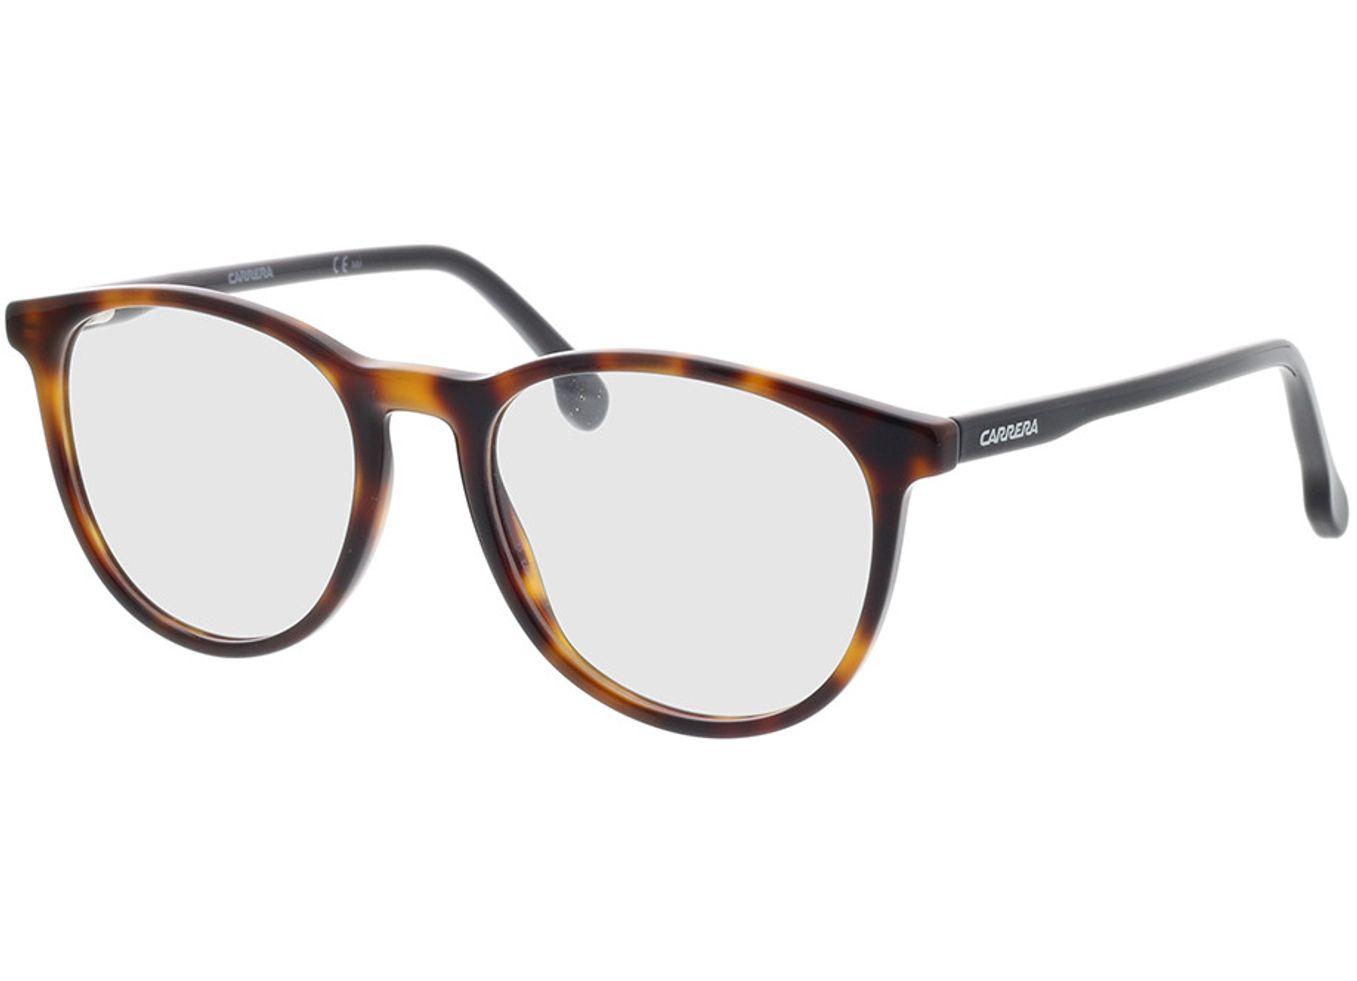 716736190846 Carrera CARRERA 214 SX7 51-18 Brillengestell inkl. Gläser, Herren, Vollrand, Rund